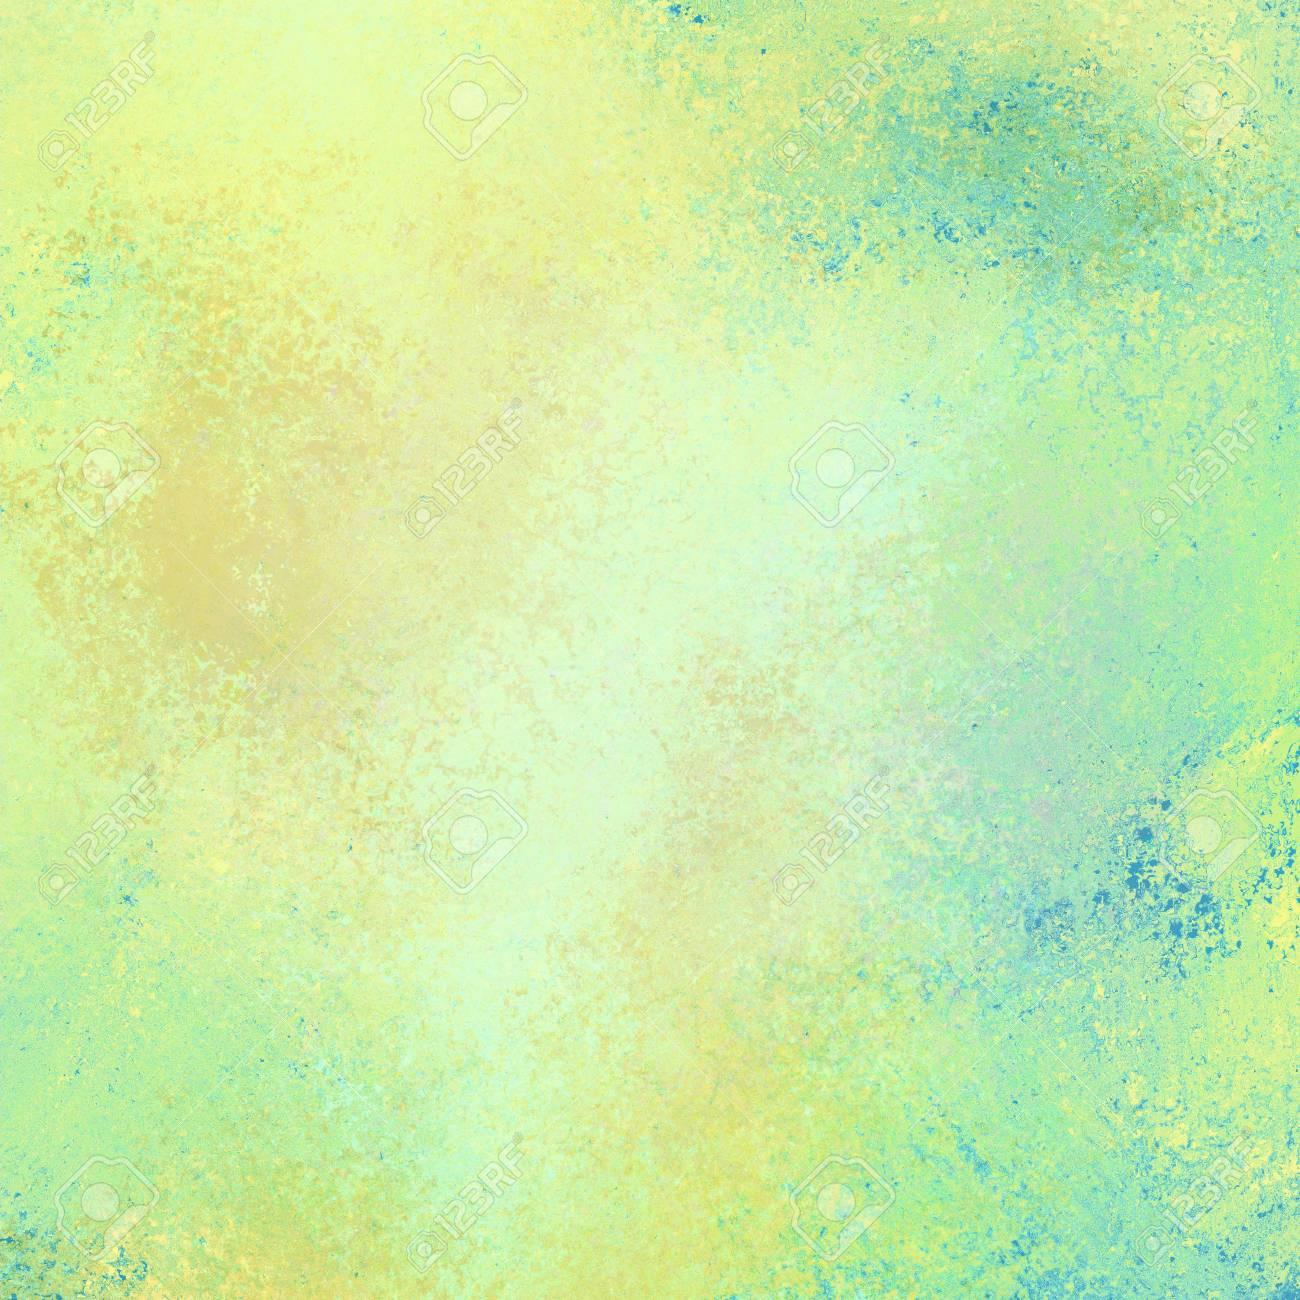 Old Vintage Gold And Blue Background Illustration, Distressed ...